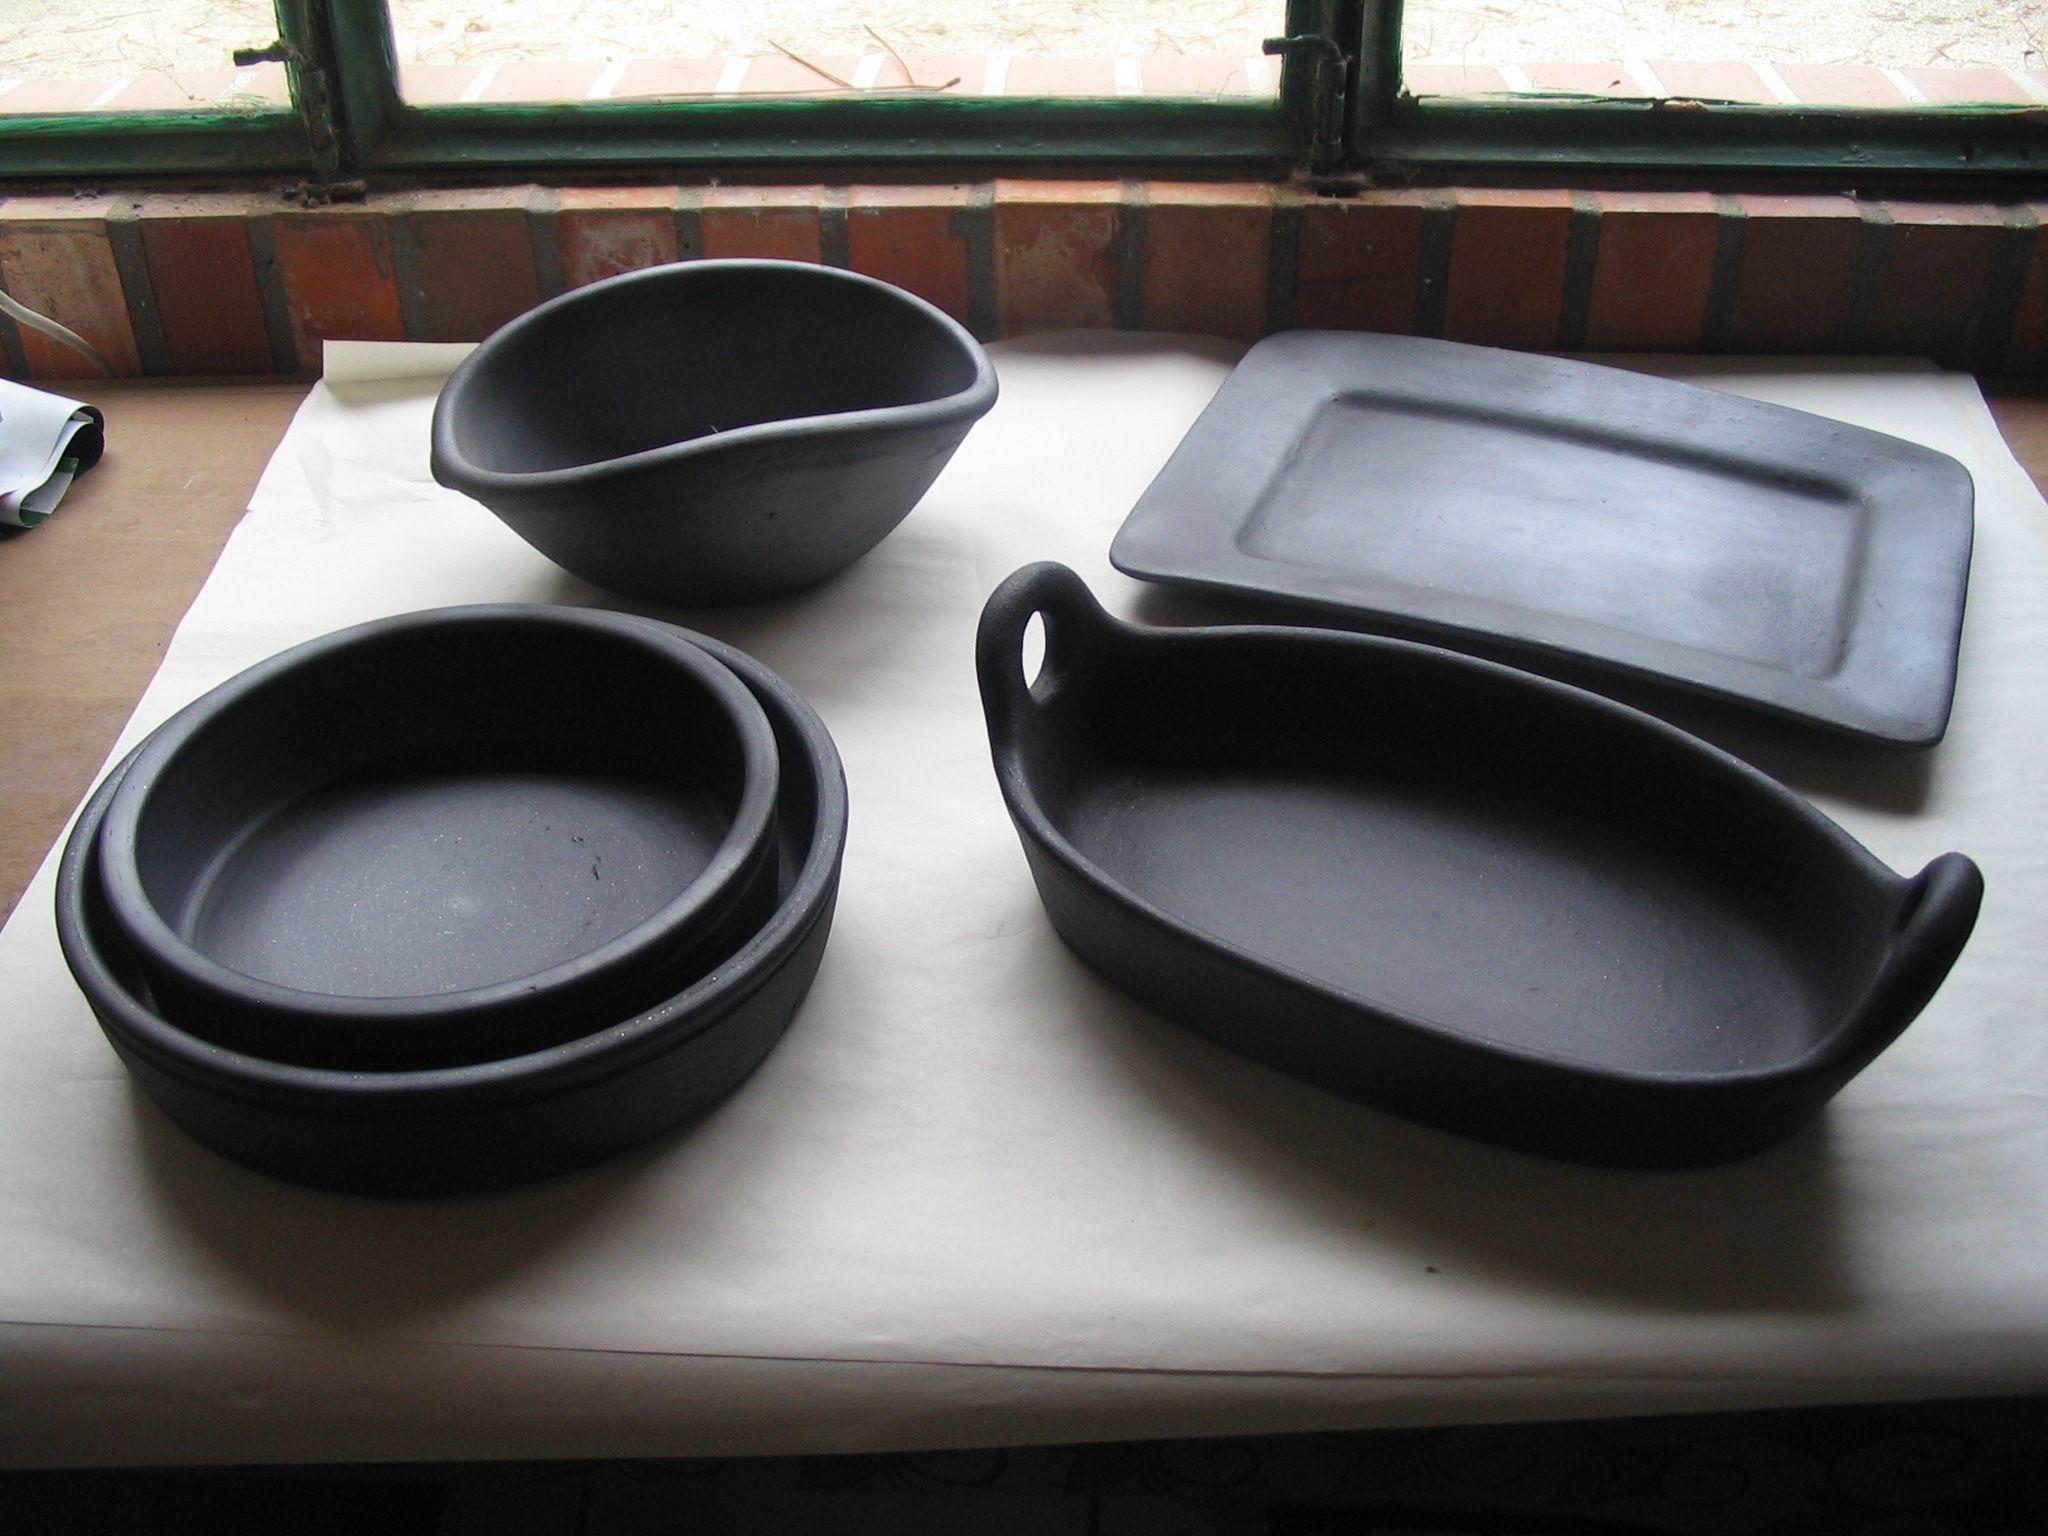 Img 0811 barro negro y cer mica for Vajillas elegantes